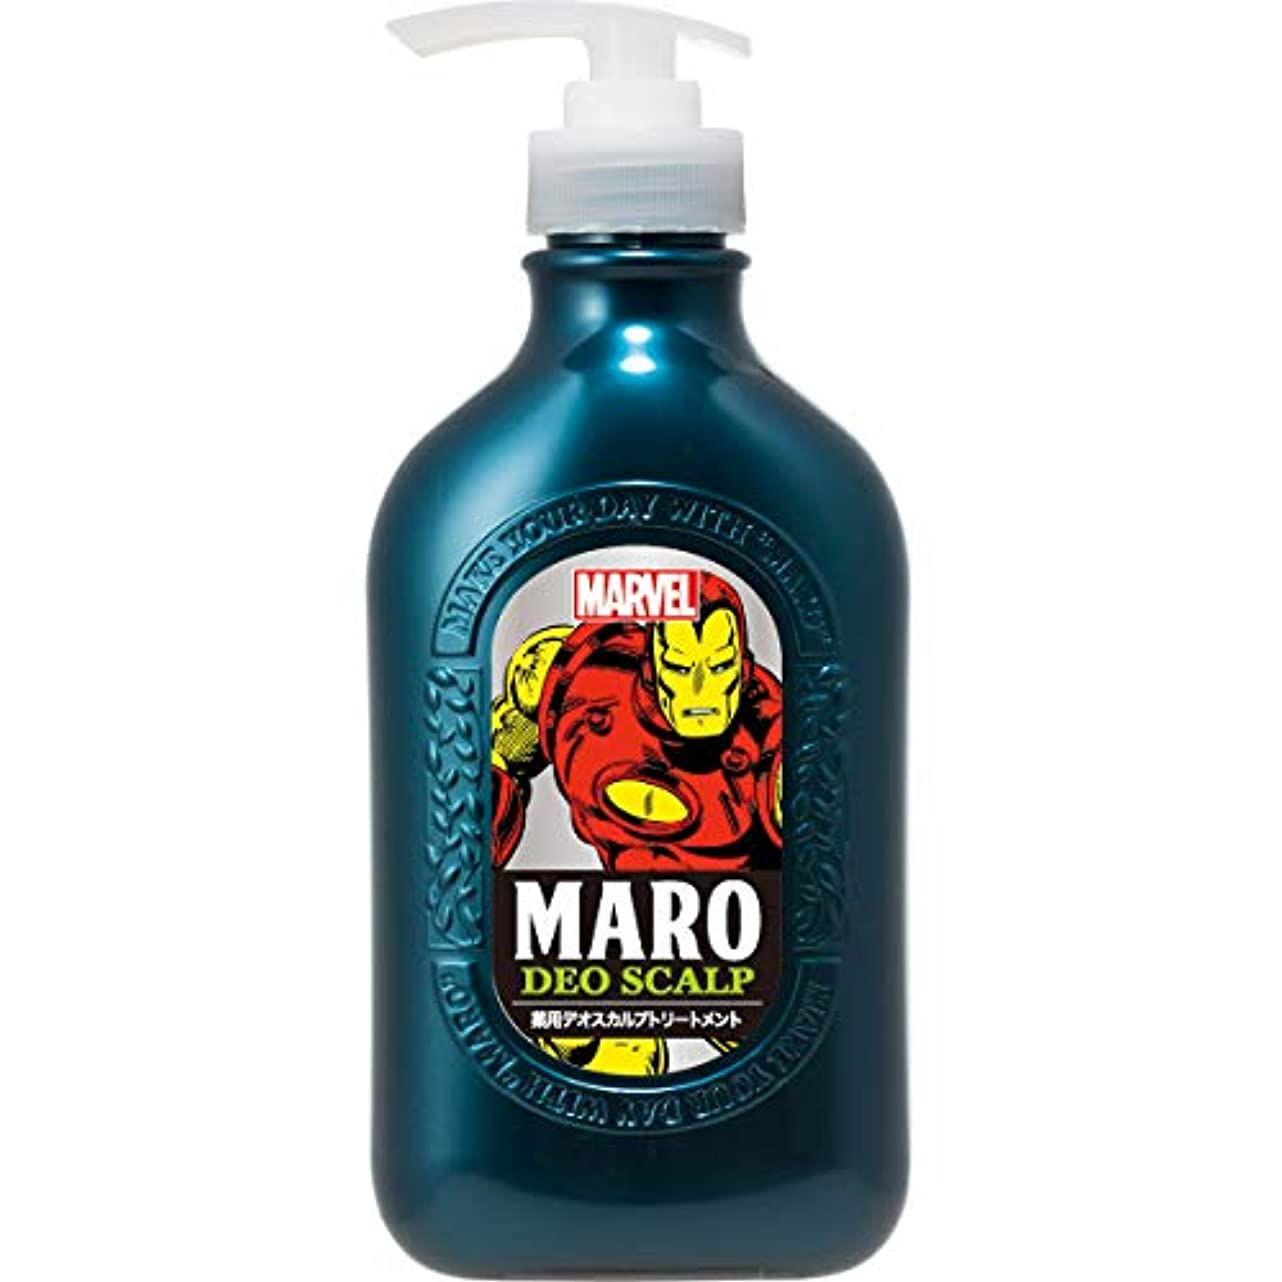 遅い宙返り変動するMARO 薬用 デオスカルプ トリートメント MARVEL コラボデザイン 480ml 【医薬部外品】